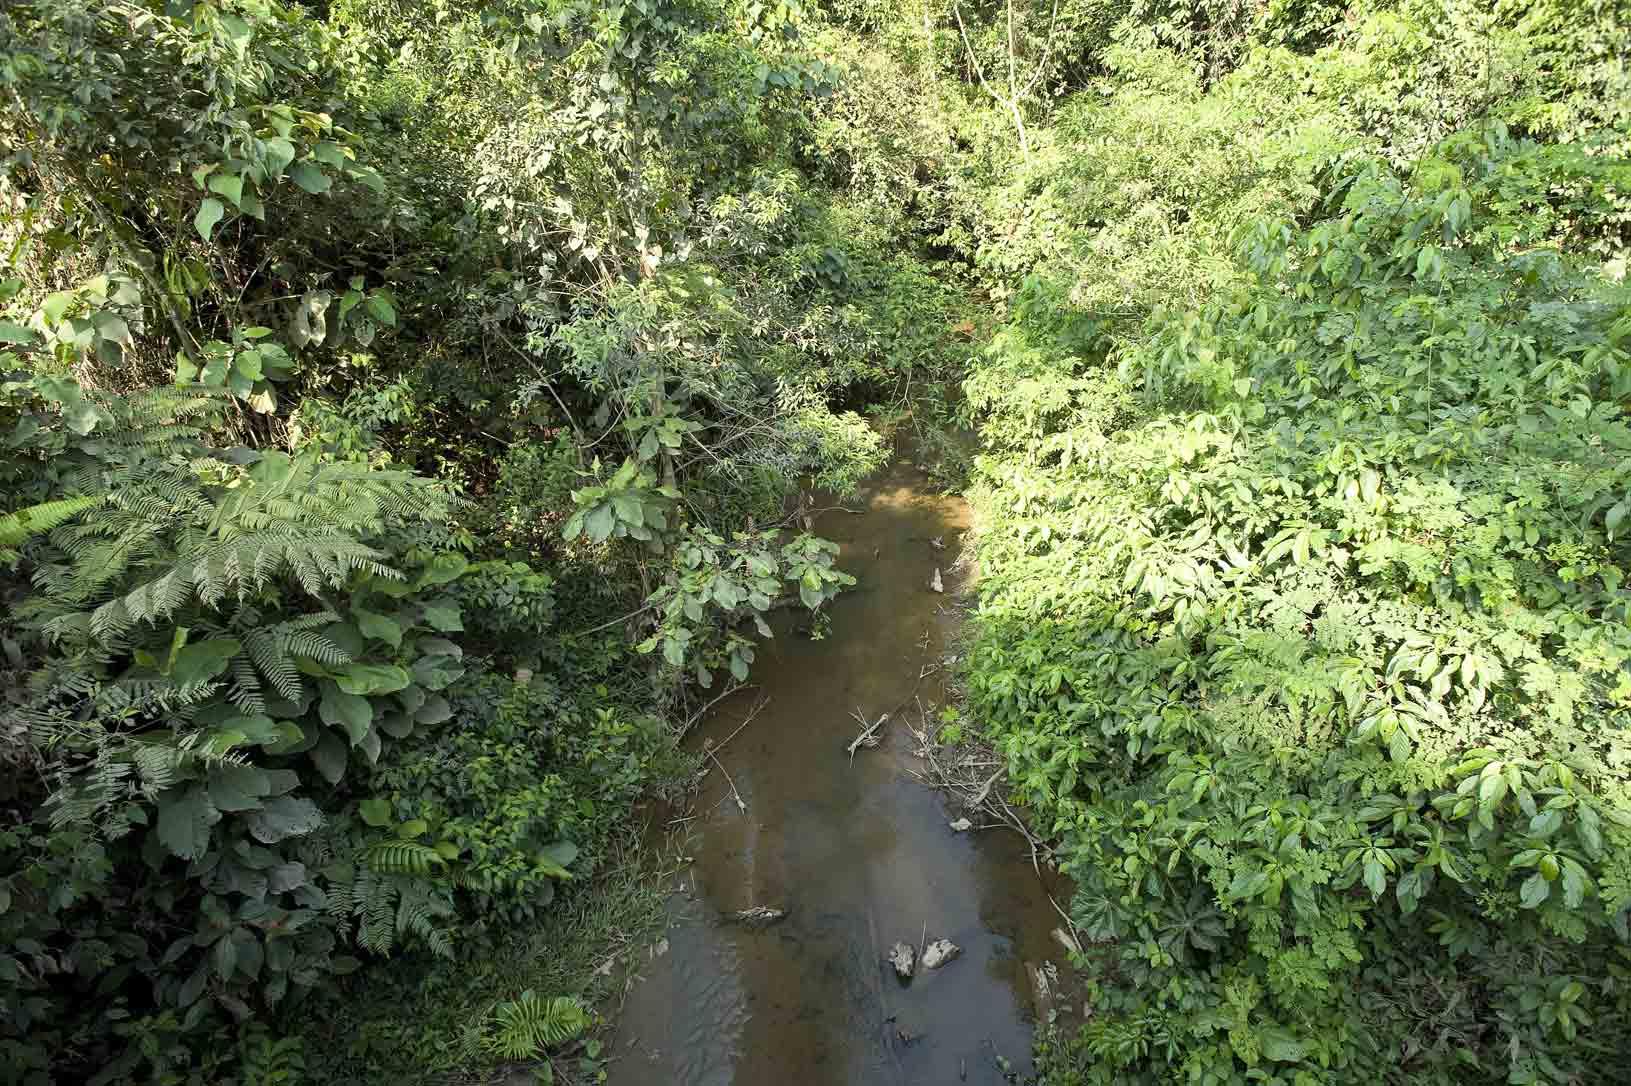 Pantano con presencia de vegetación de tipo arbustos.